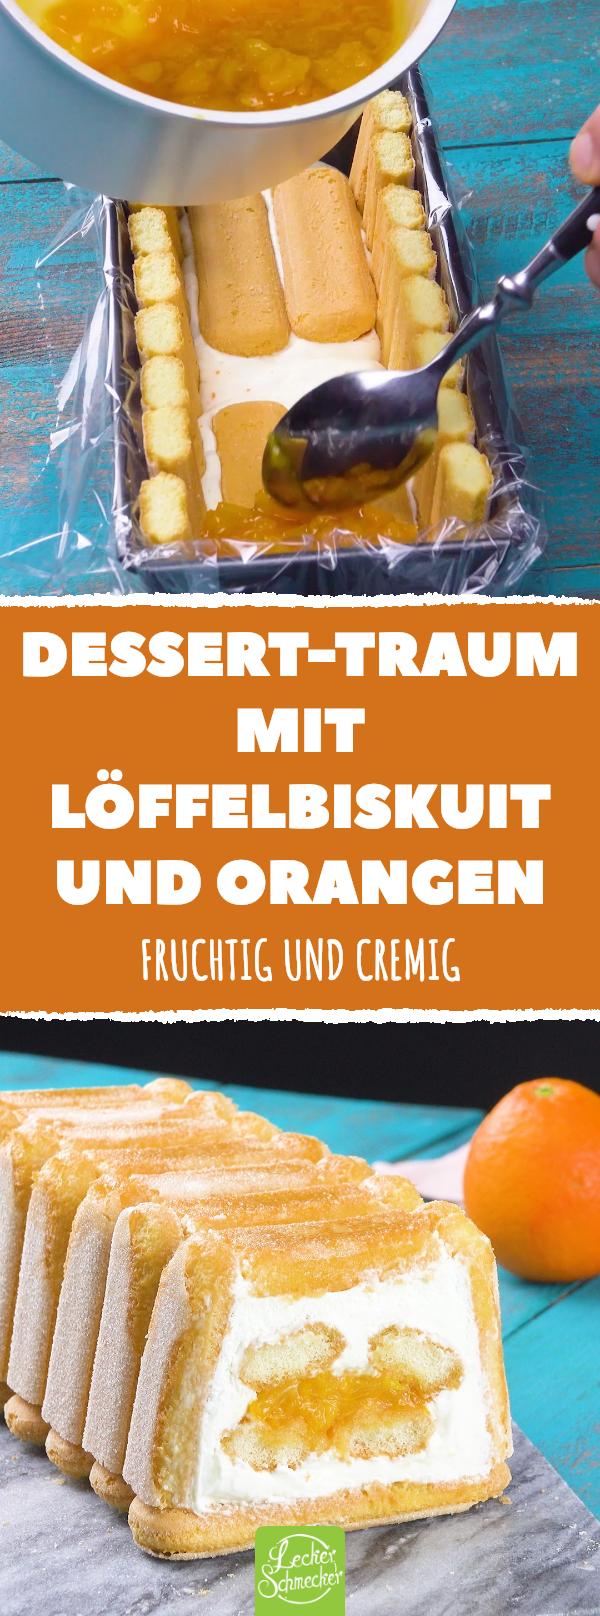 Dieses sommerliche Tiramisu verführt zum Träumen!  #rezept #rezepte #tiramisu #sommer #frucht #orange #sahne #mascarpone #biskuit #löffelbiskuit #kastenform #löffelbiskuitrezept